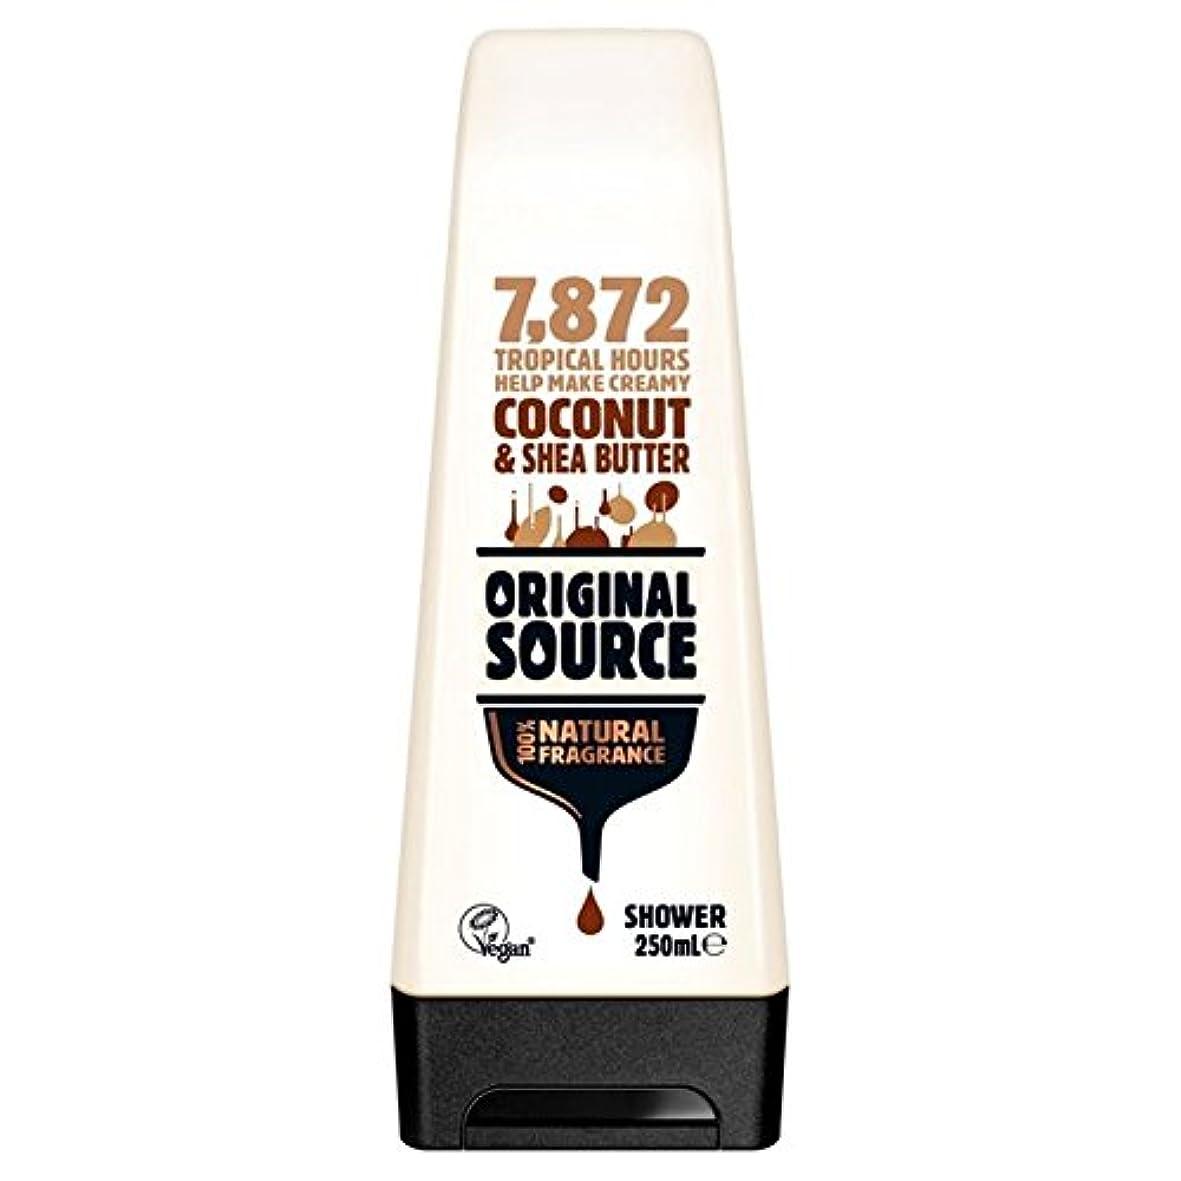 批判的予定期待するOriginal Source Moisturising Coconut & Shea Butter Shower Gel 250ml - 元のソース保湿ココナッツ&シアバターシャワージェル250ミリリットル [並行輸入品]